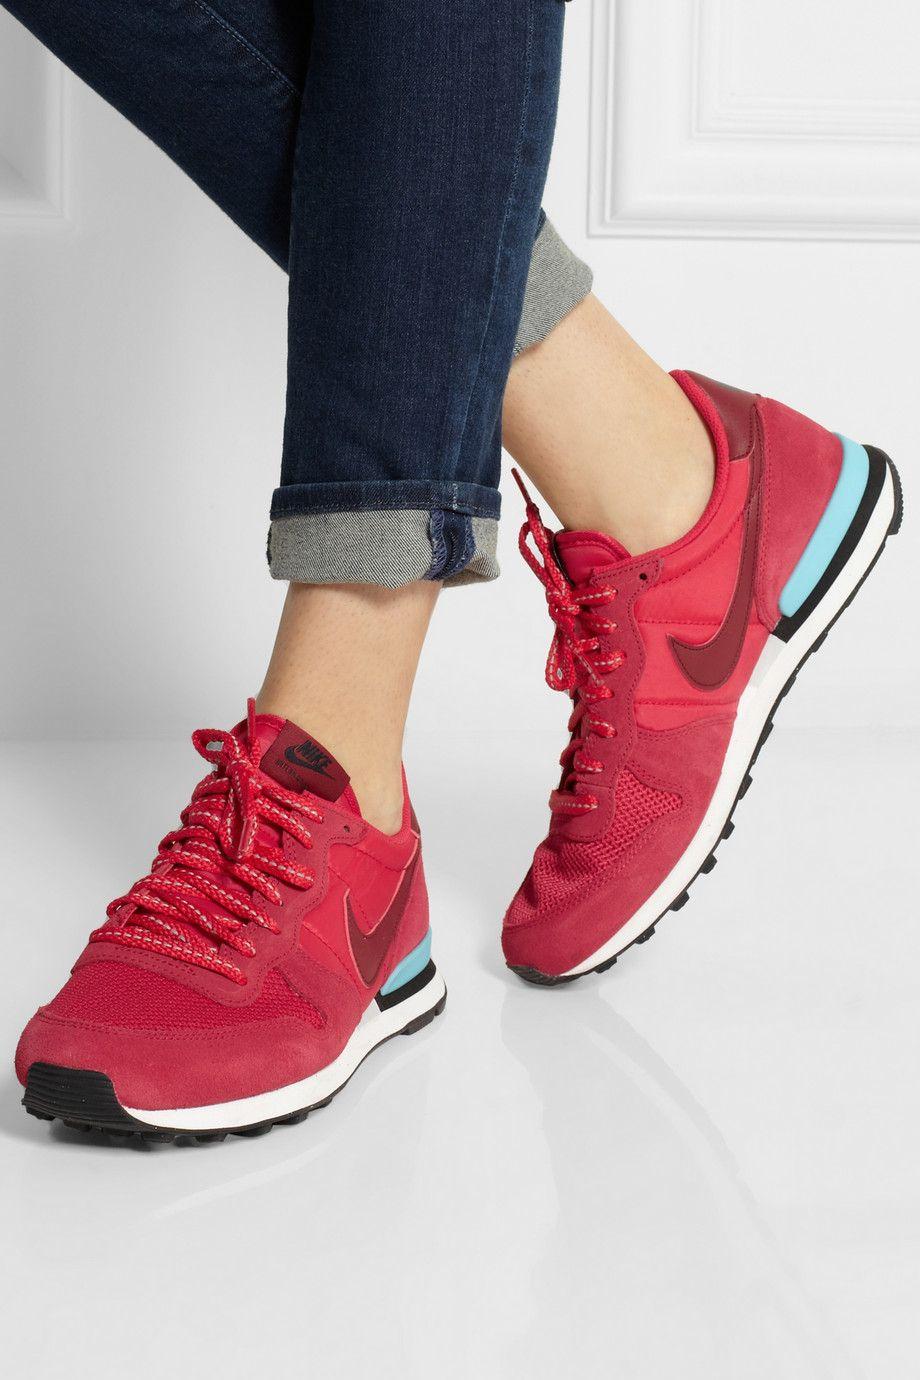 Red Internationalist Sneakers Nike Nike Internationalist Nike Free Shoes Nike Shoes For Sale